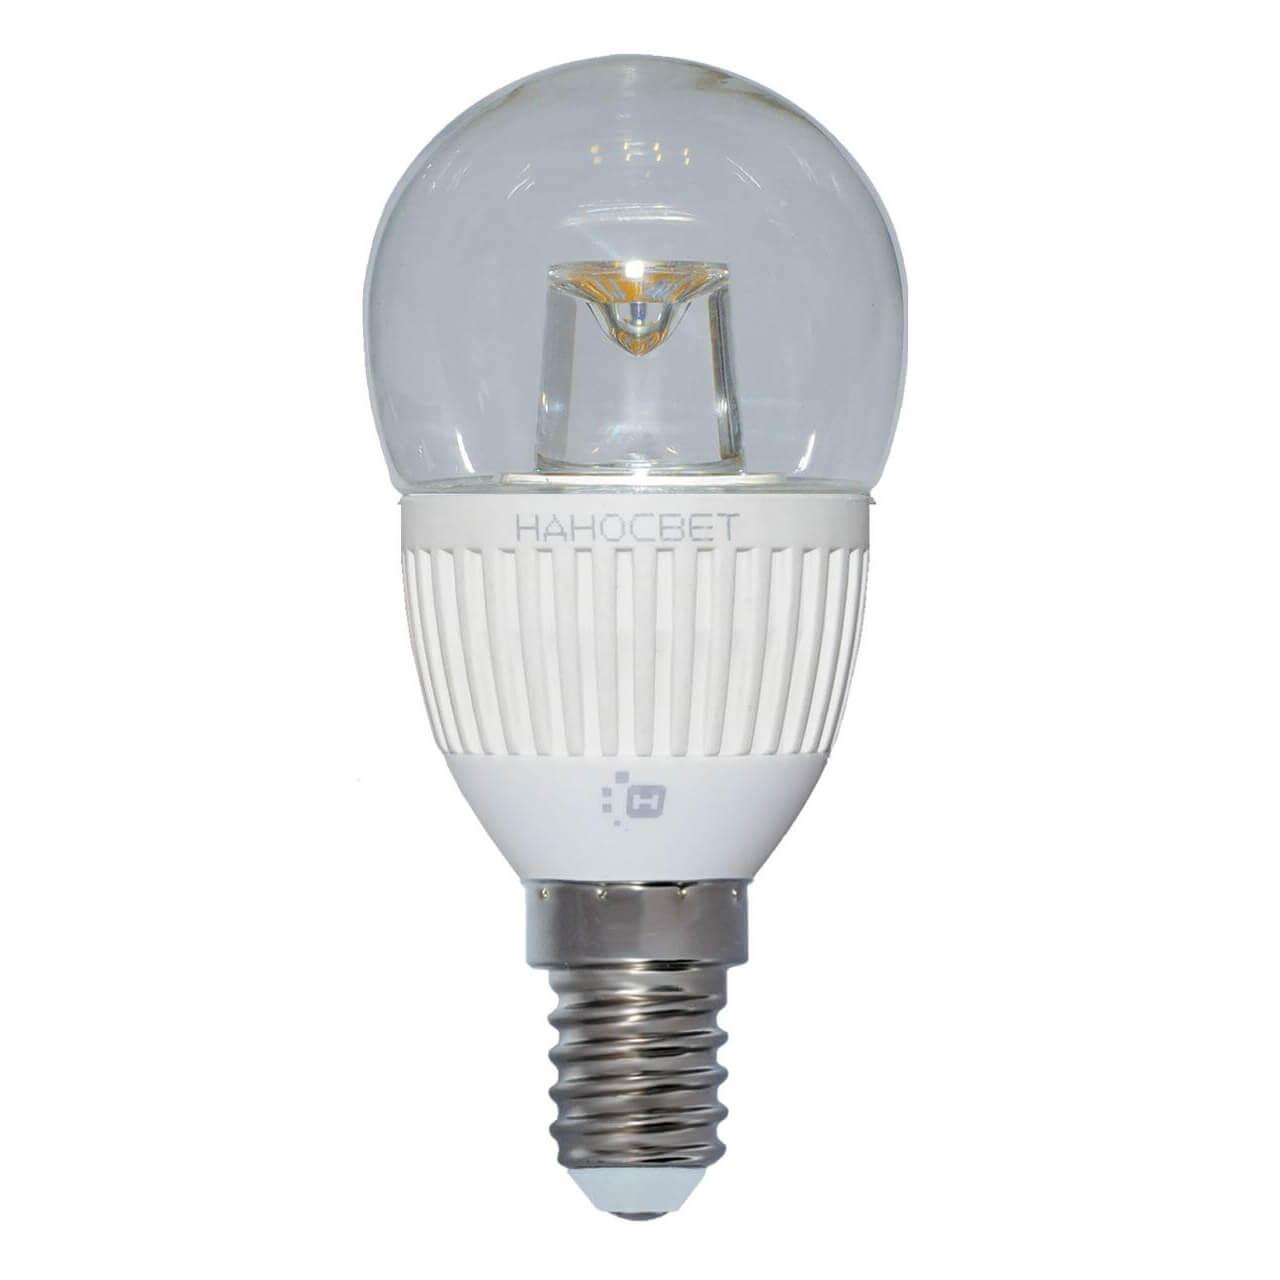 купить Лампа светодиодная Наносвет E14 5W 4000K прозрачная LC-P45CL-5/E14/840 L125 по цене 159 рублей